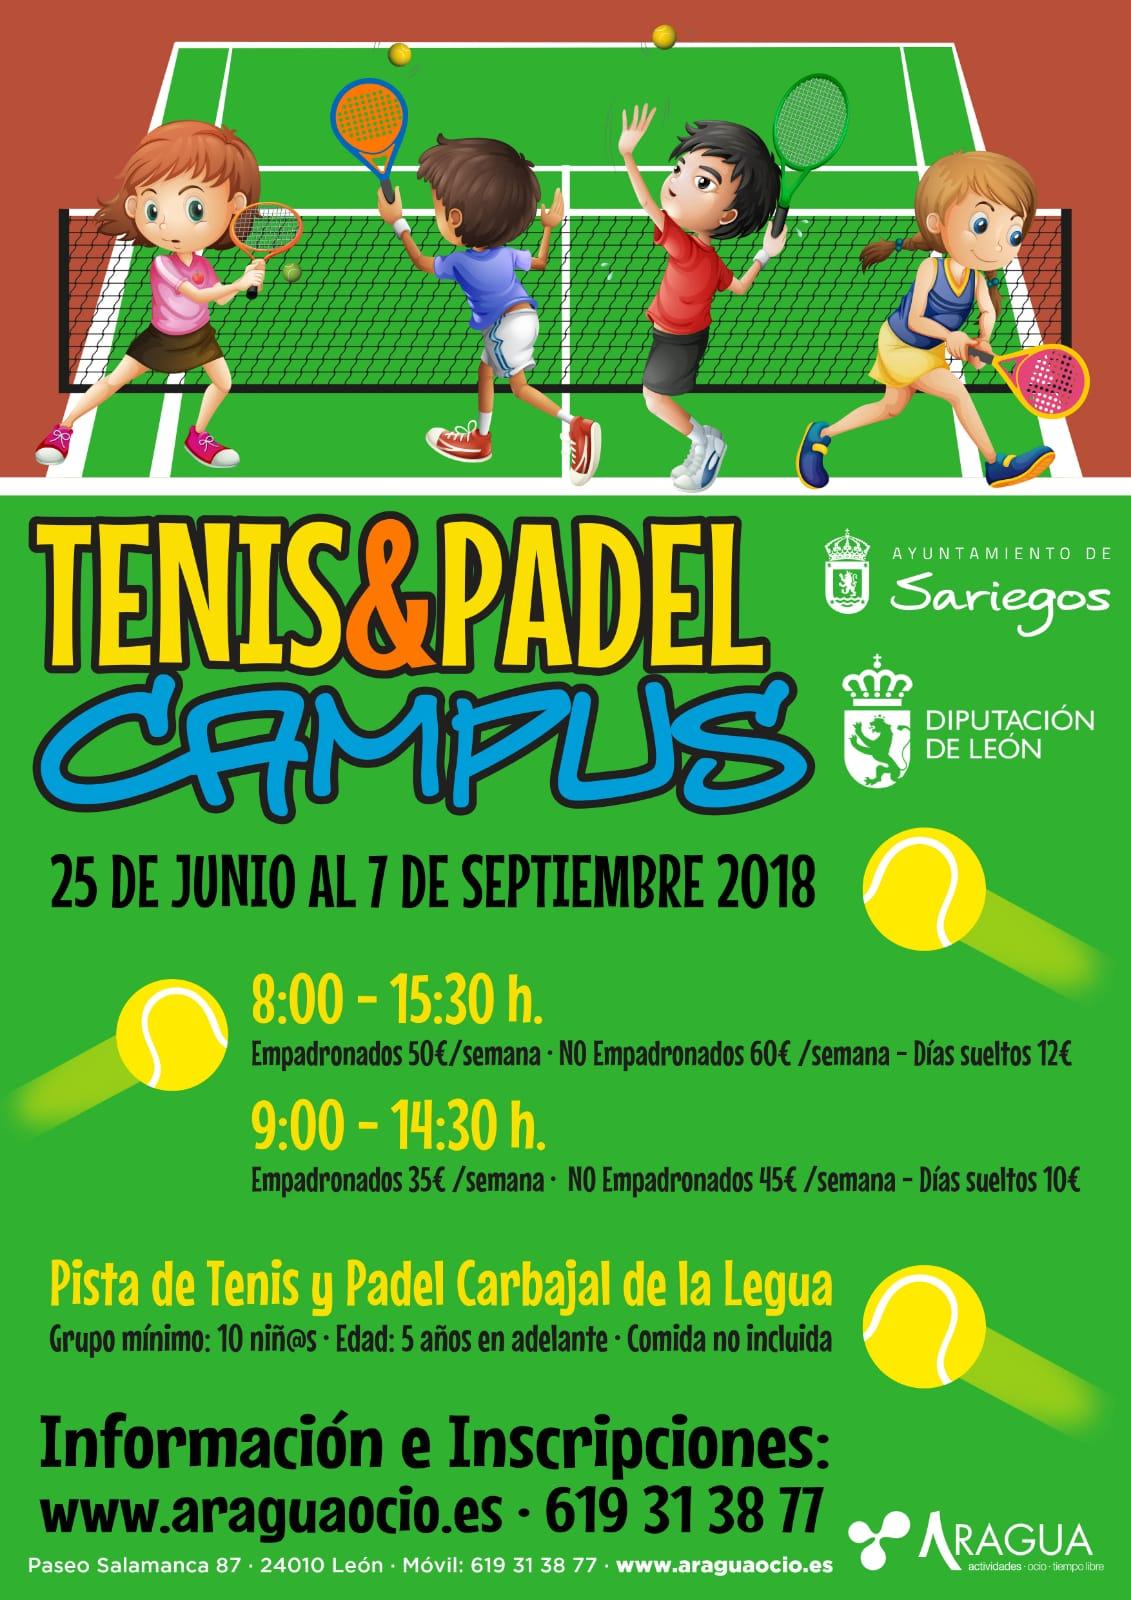 Campus Verano 2018 Deportivos. Tenis Pádel.